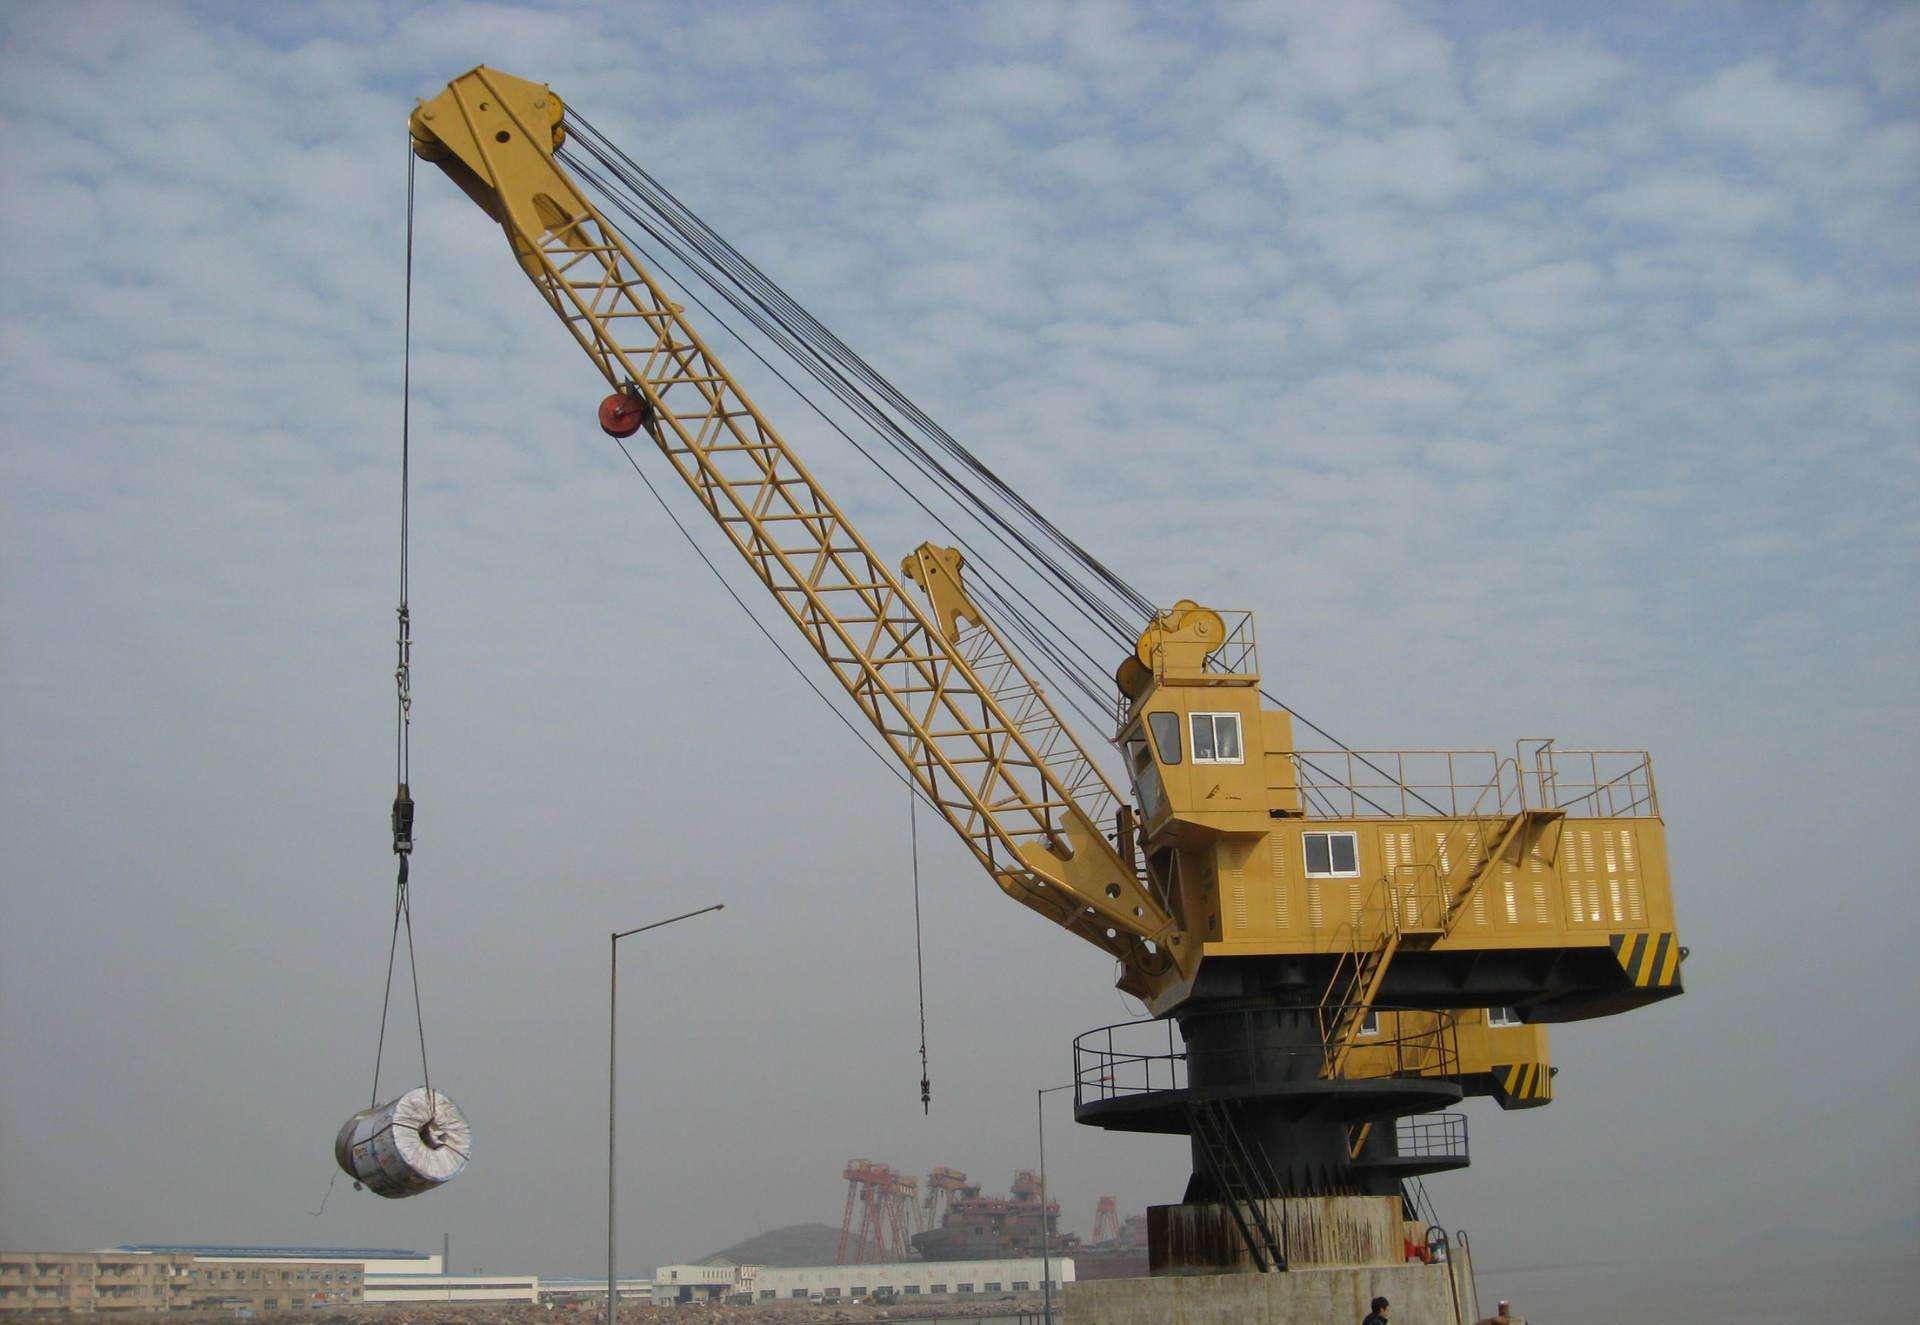 哈尔滨起重机哈尔滨码头起重机哈尔滨港口起重机哈尔滨龙门吊